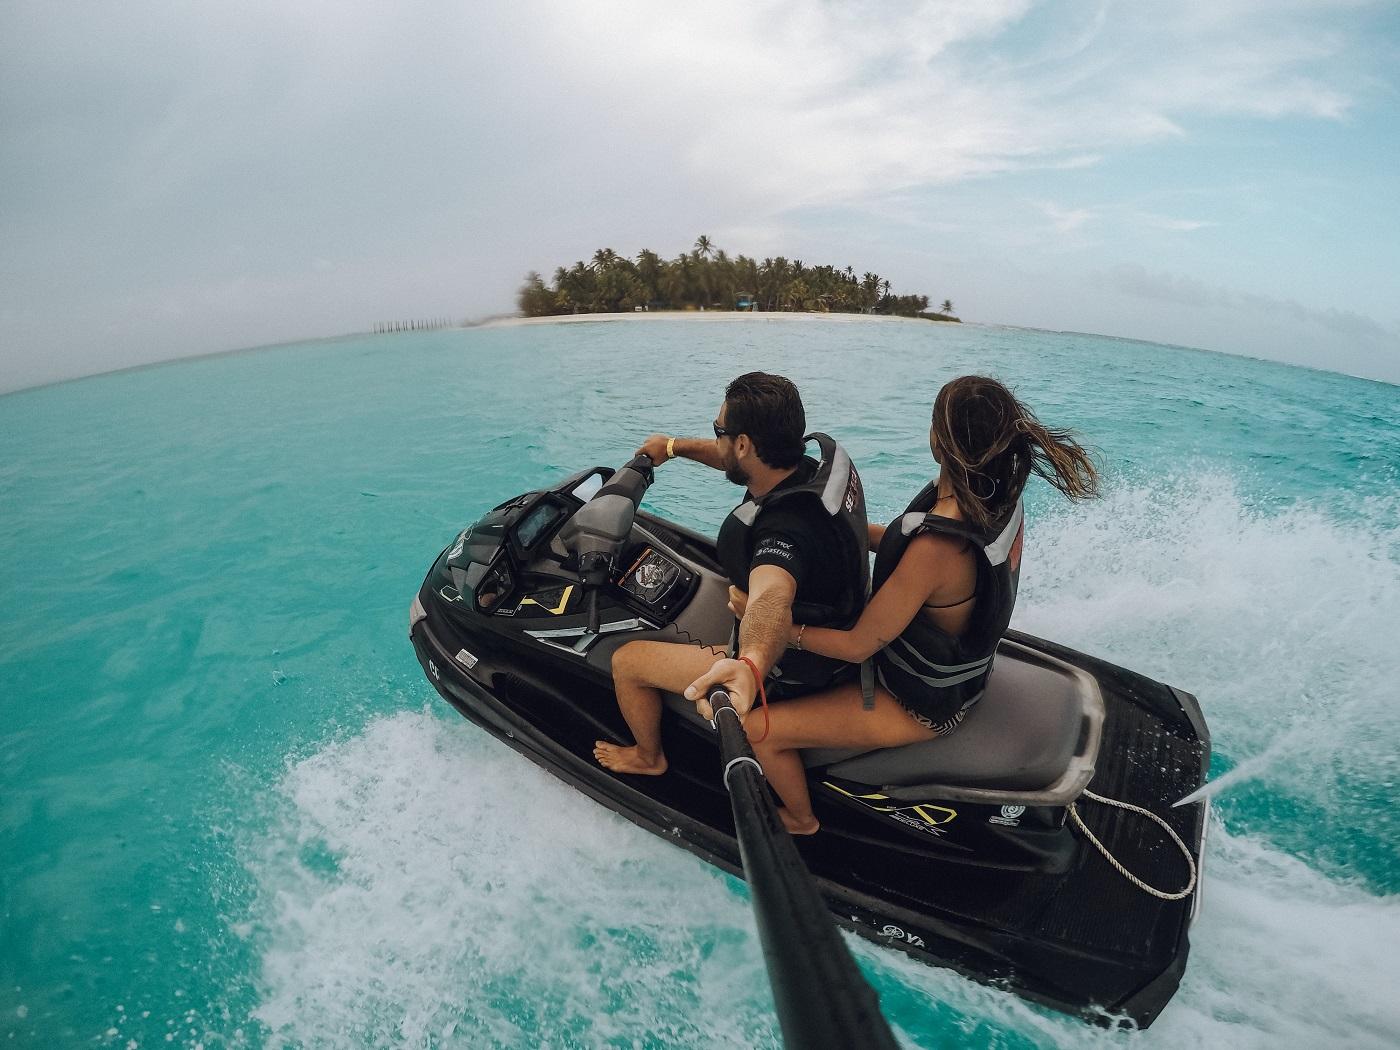 Alugamos um jet ski e chegamos bem perto de uma pequena ilha (Foto: Gabriel Bester)